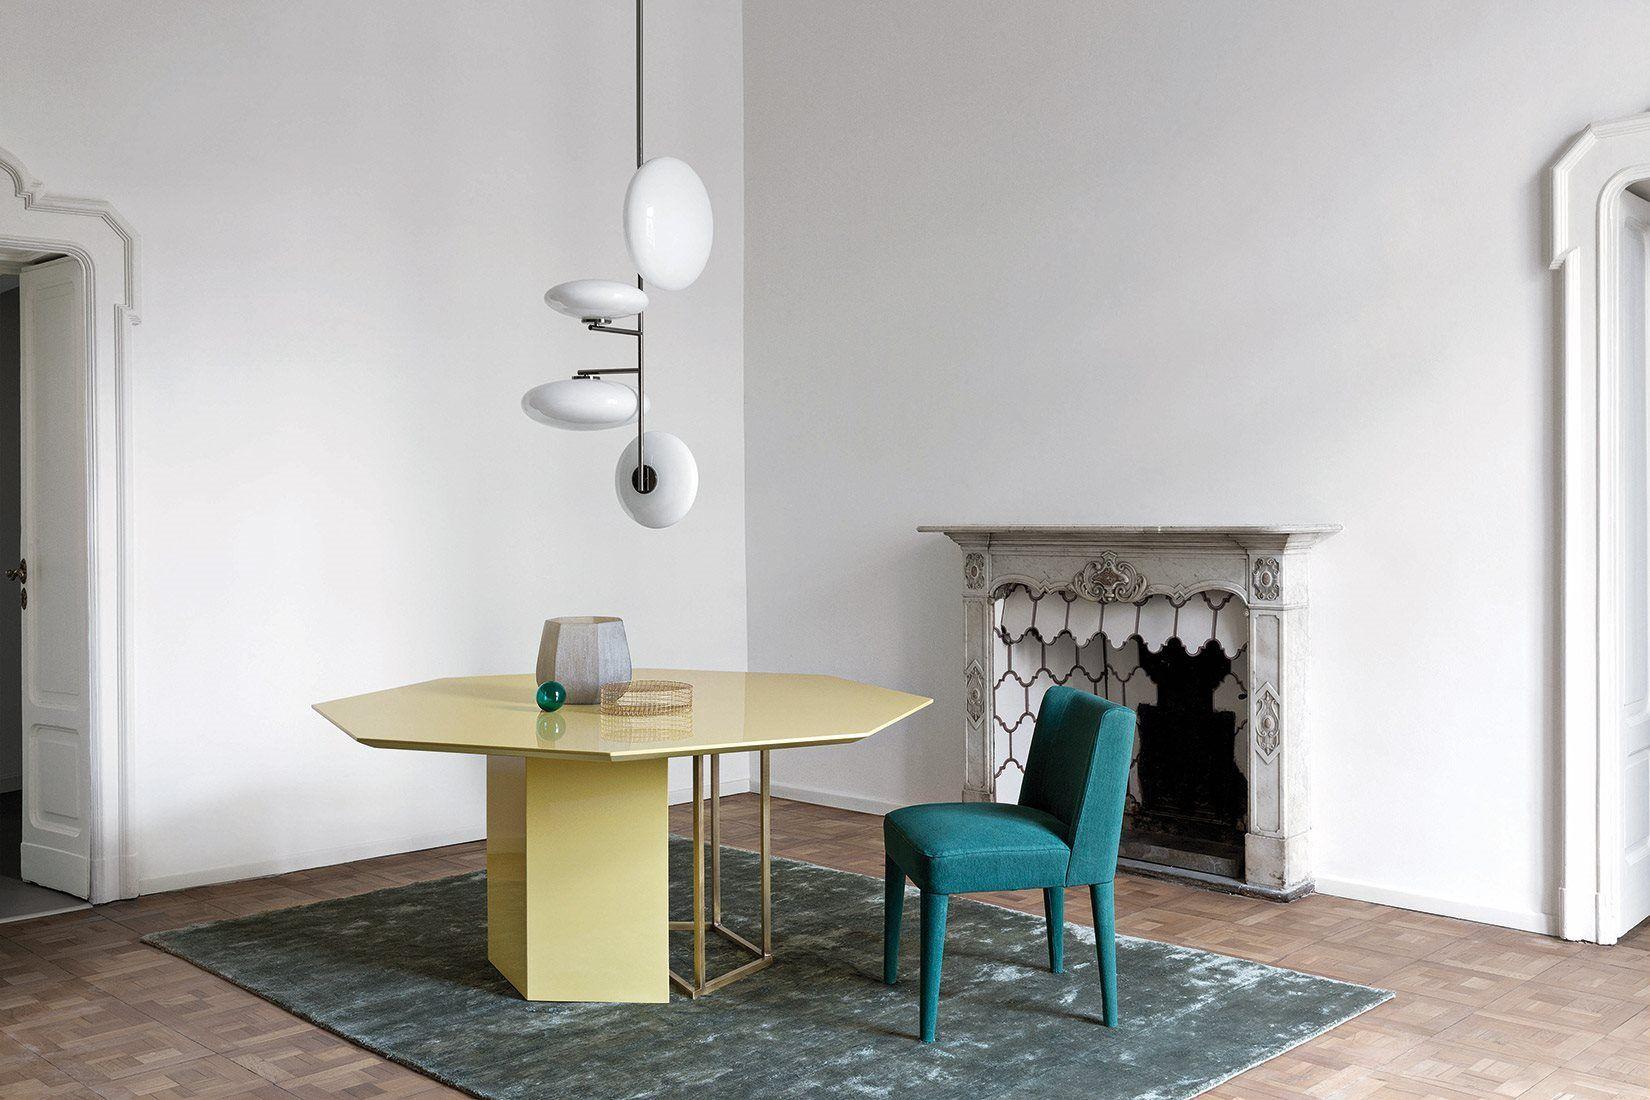 Meridiani plinto gallery 4 g9651 mobili arredamento e for Mobili italiani design